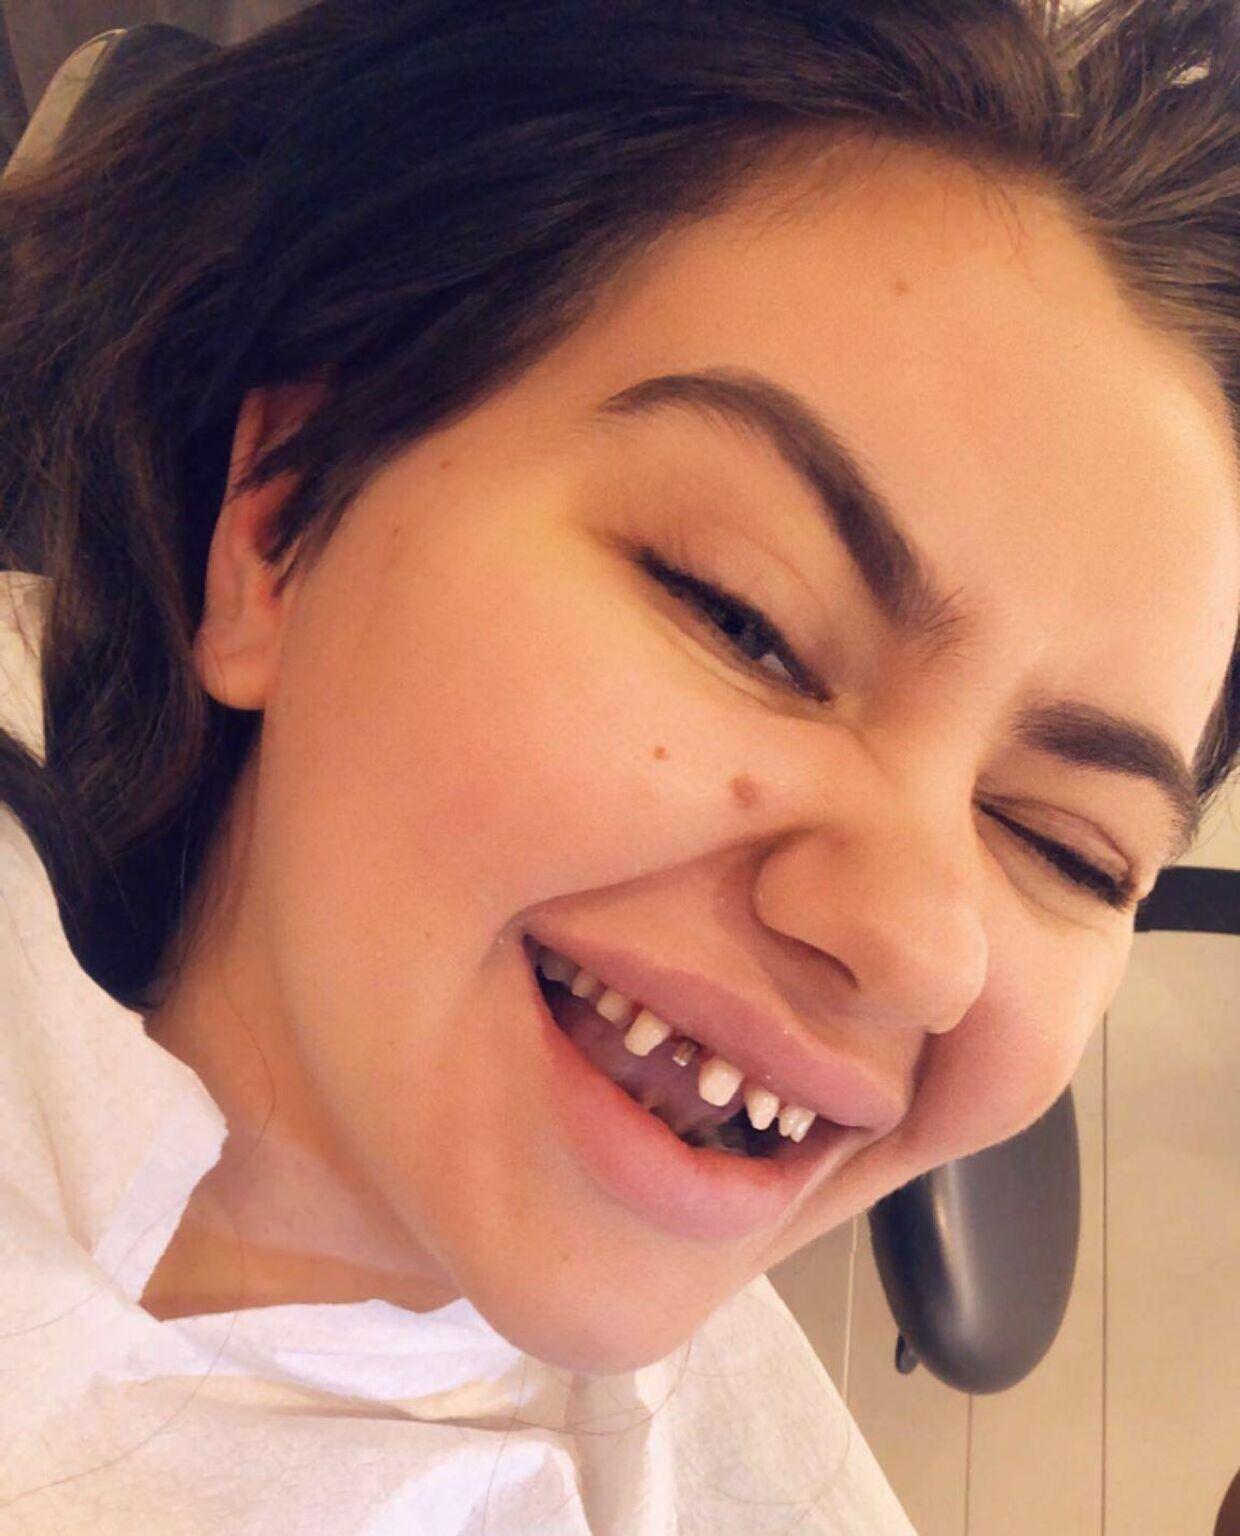 Fie Laursen bliver kaldt en dårlig rollemodel flere steder, efter hun blandt andet har reklamere for at få filet sine tænder ned og sat falske på. (Privatfoto)